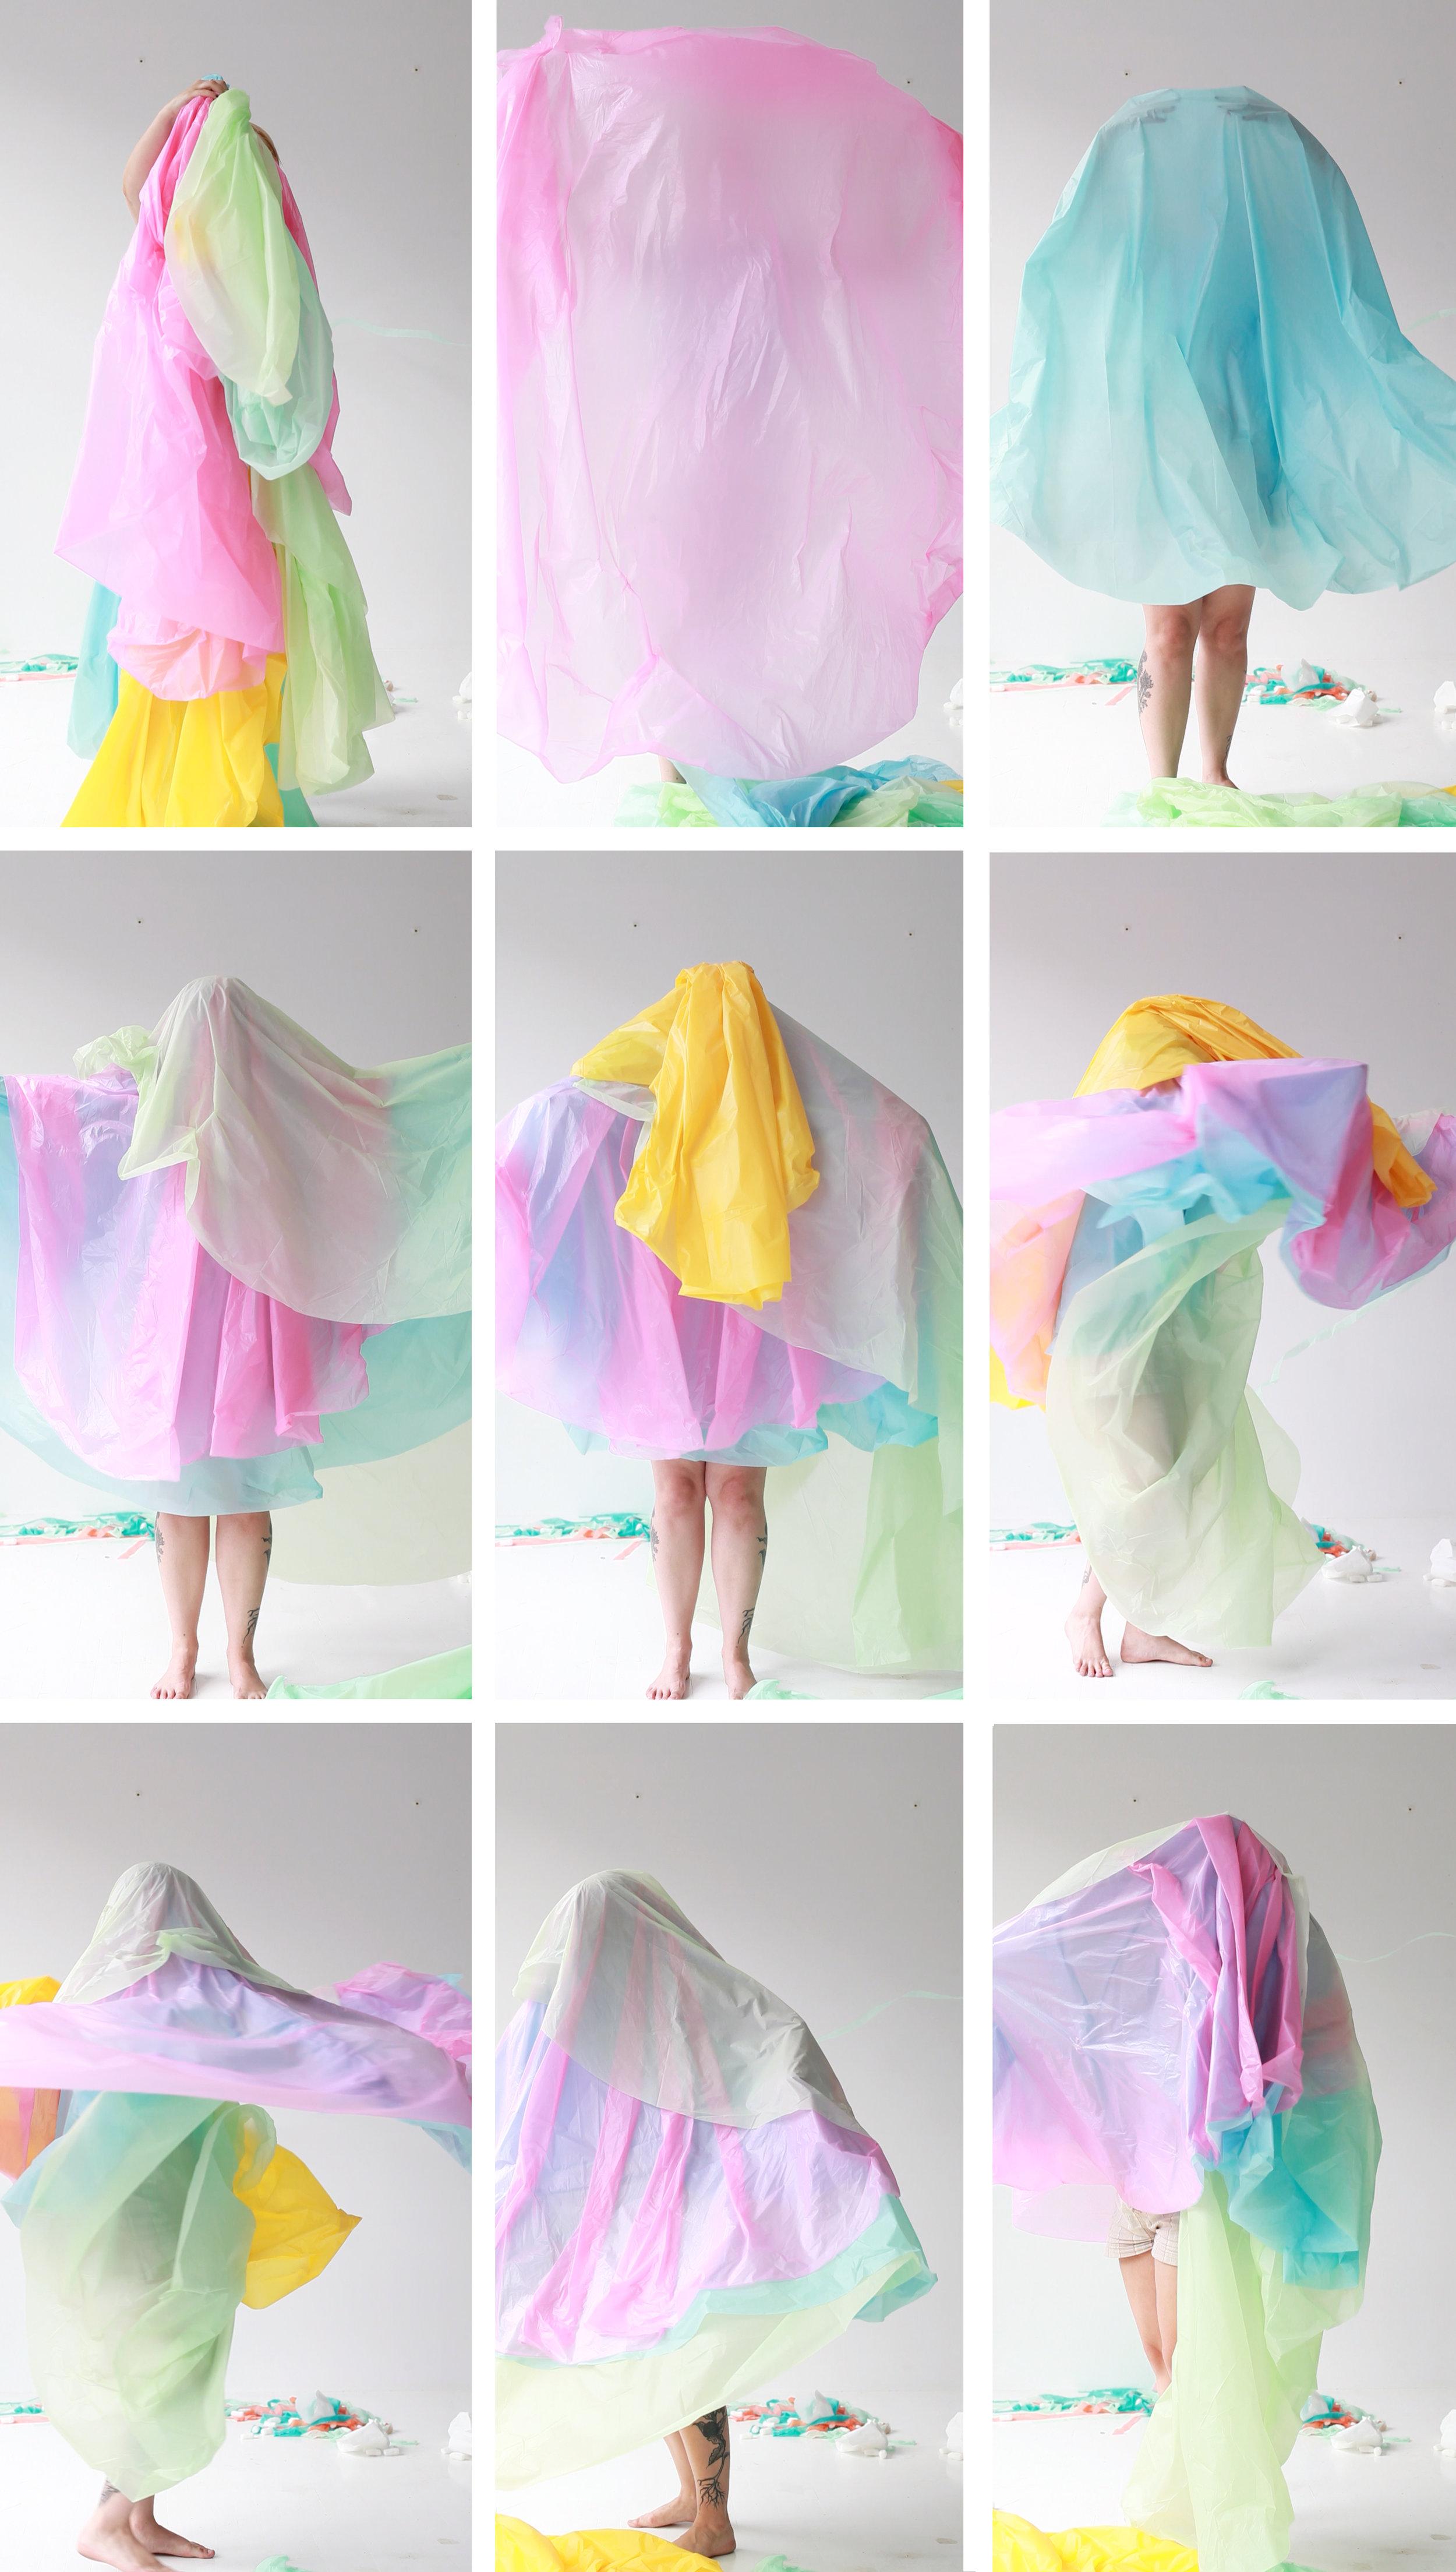 La danse colorée . Images issues d'une séquence vidéo avec la caméra Canon. Performance Clara Painchaud. Cadrage Annie France Leclerc.